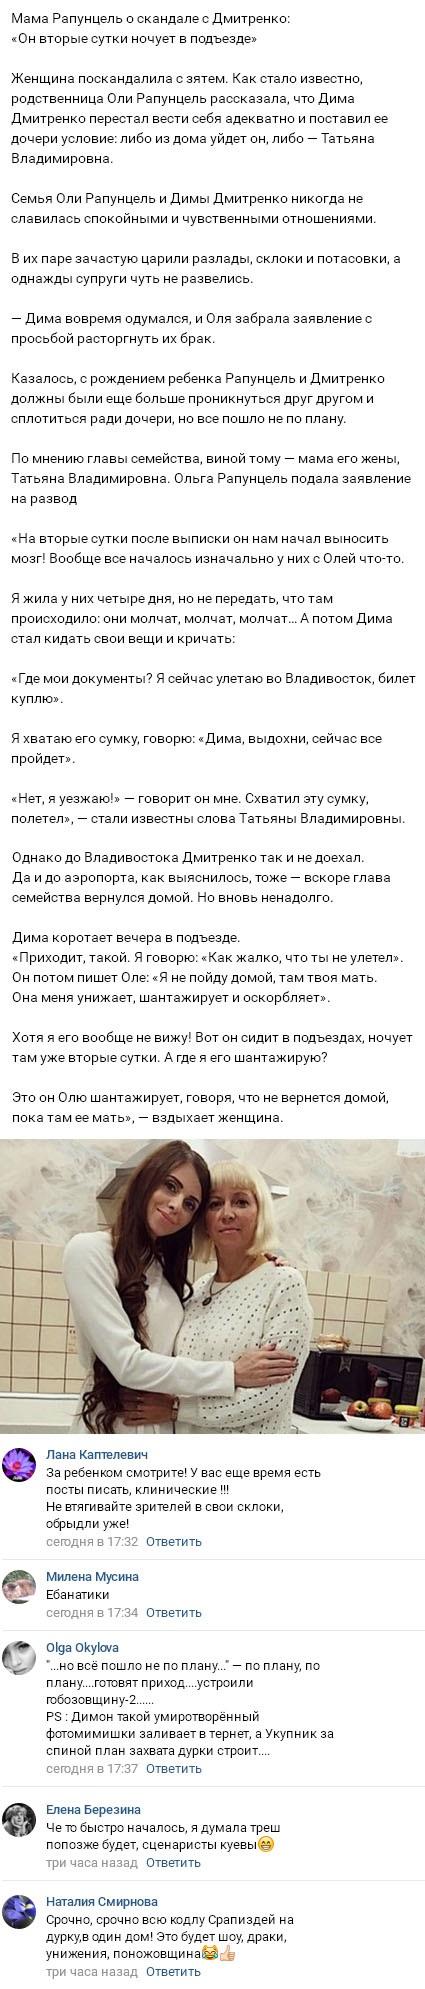 Дмитрия Дмитренко сбежал из дому требуя выгнать тёщу